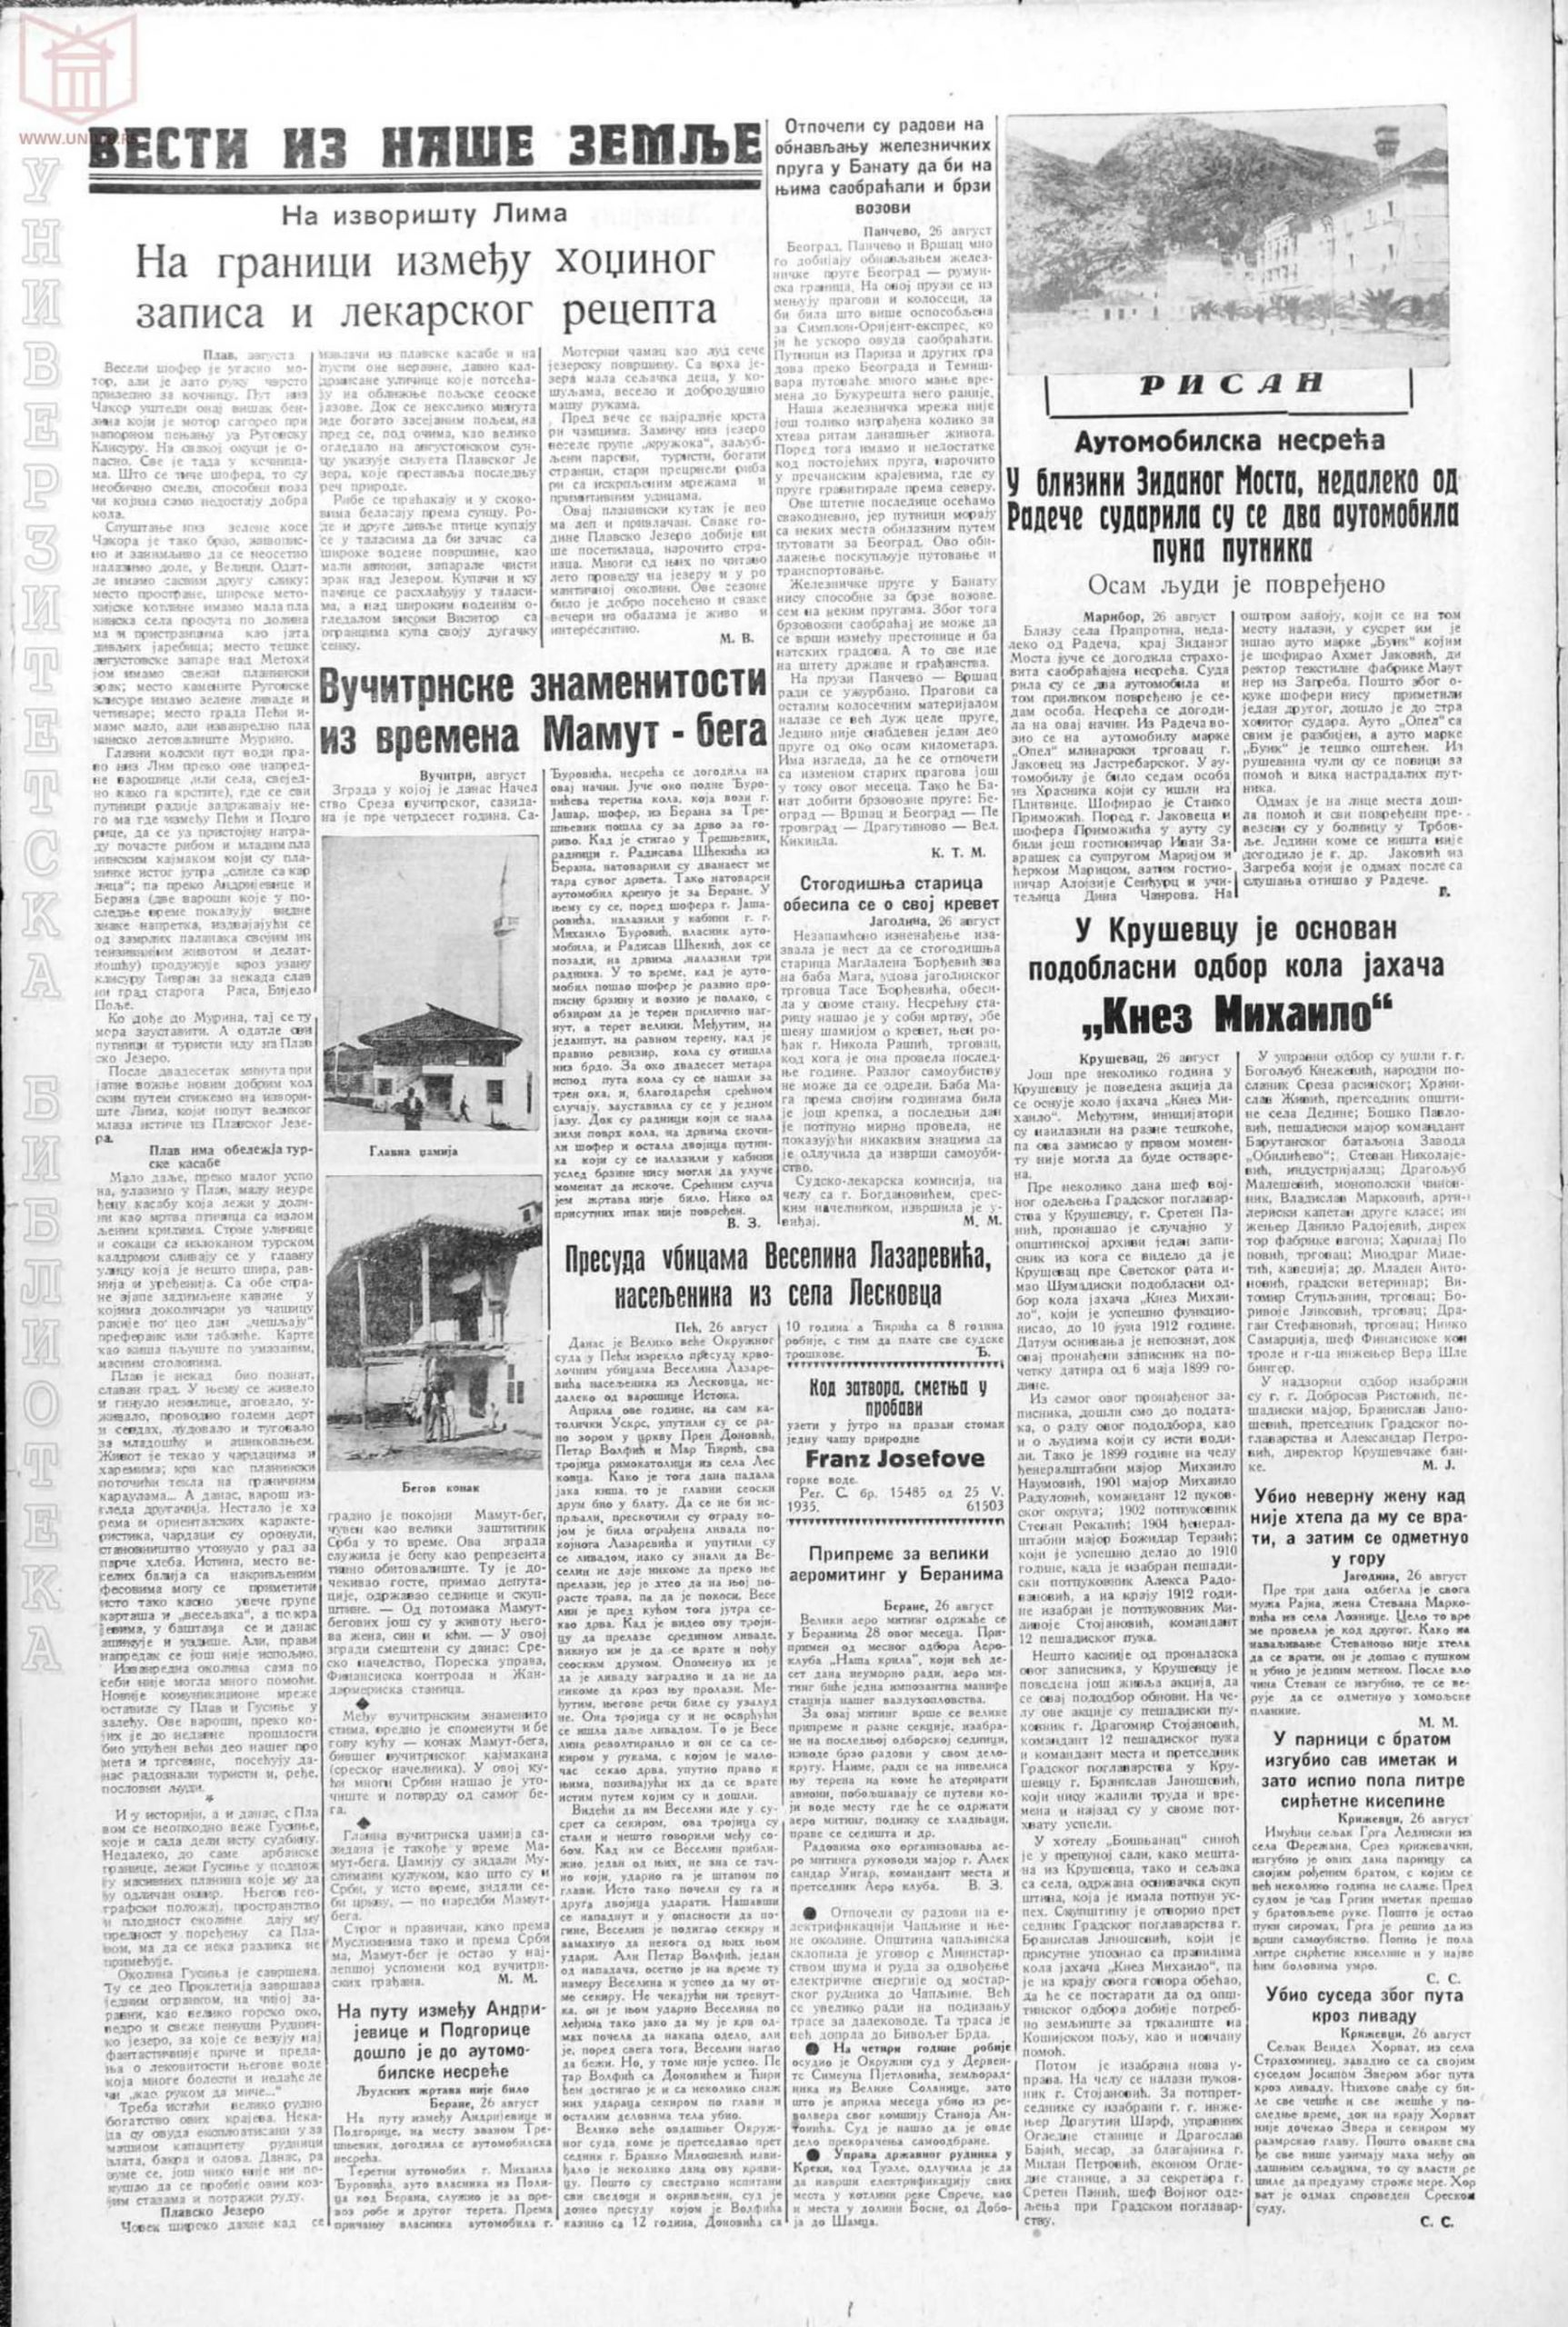 Pravda 1938-08-27 p8-1